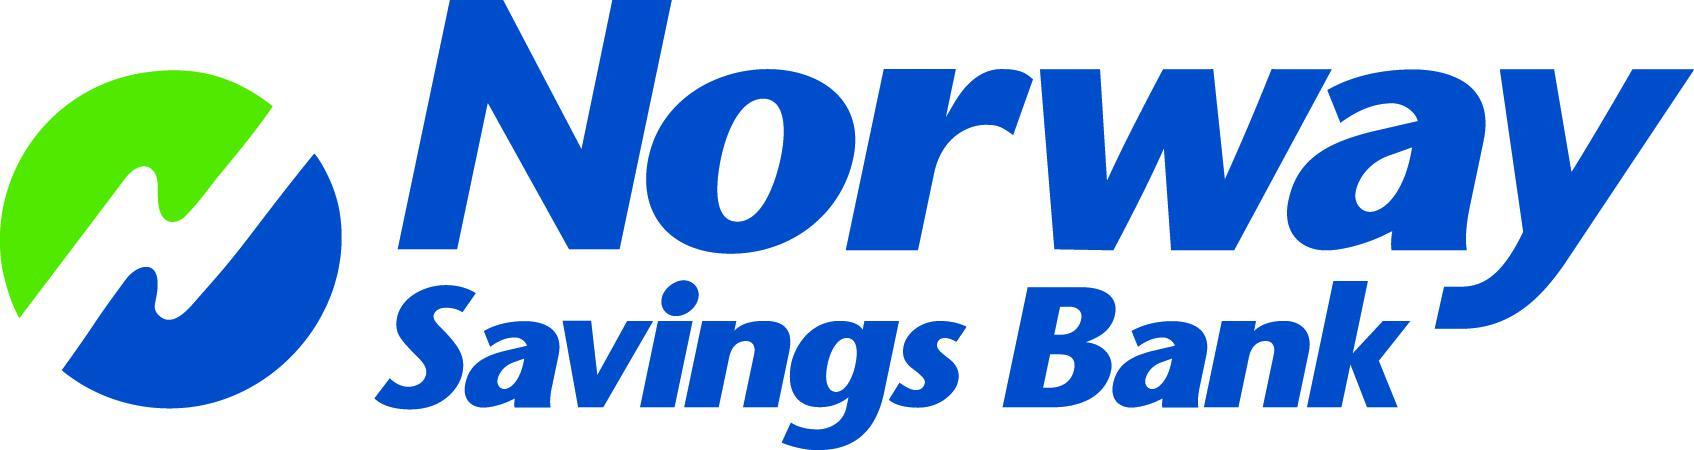 norway savings bank.jpg